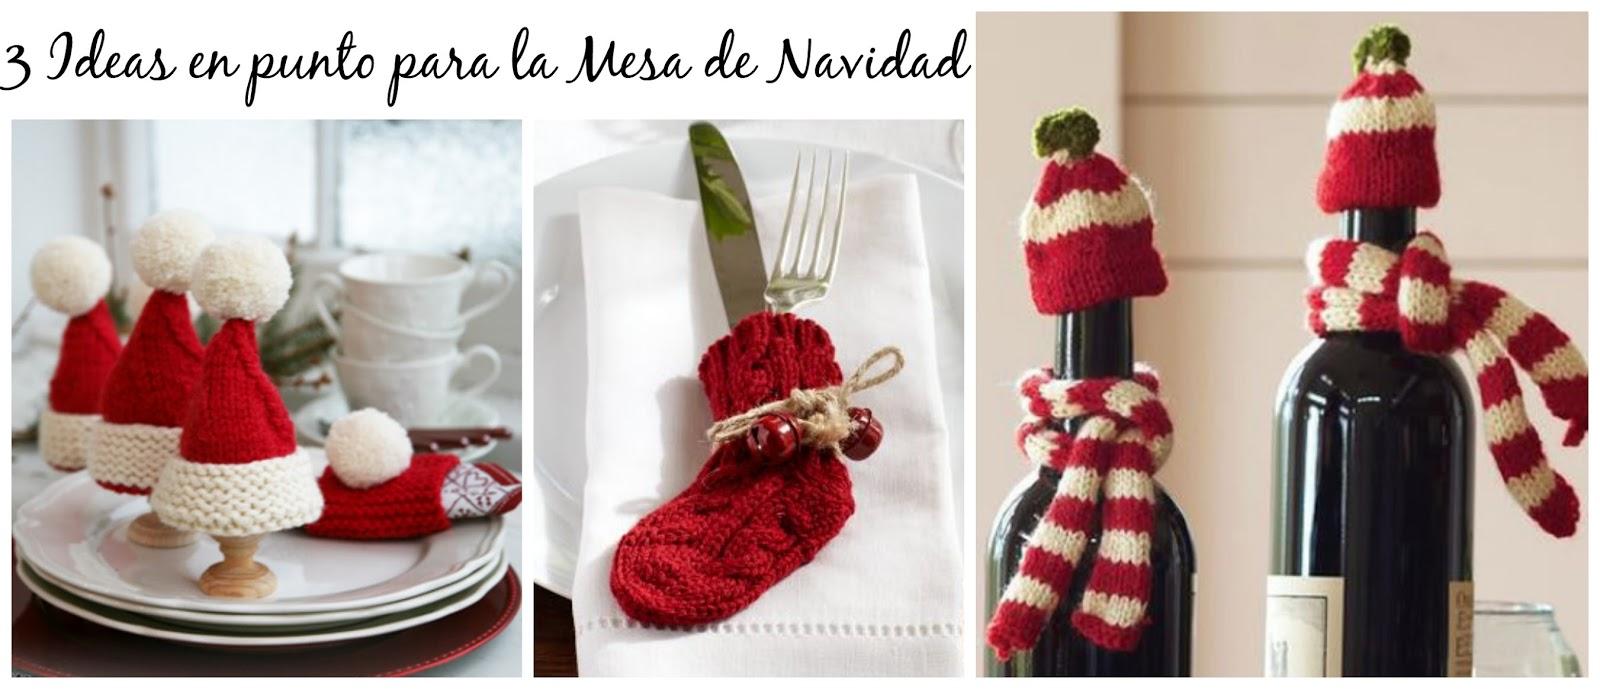 3 ideas en punto para la mesa de navidad - Decoracion de navidad para mesas ...